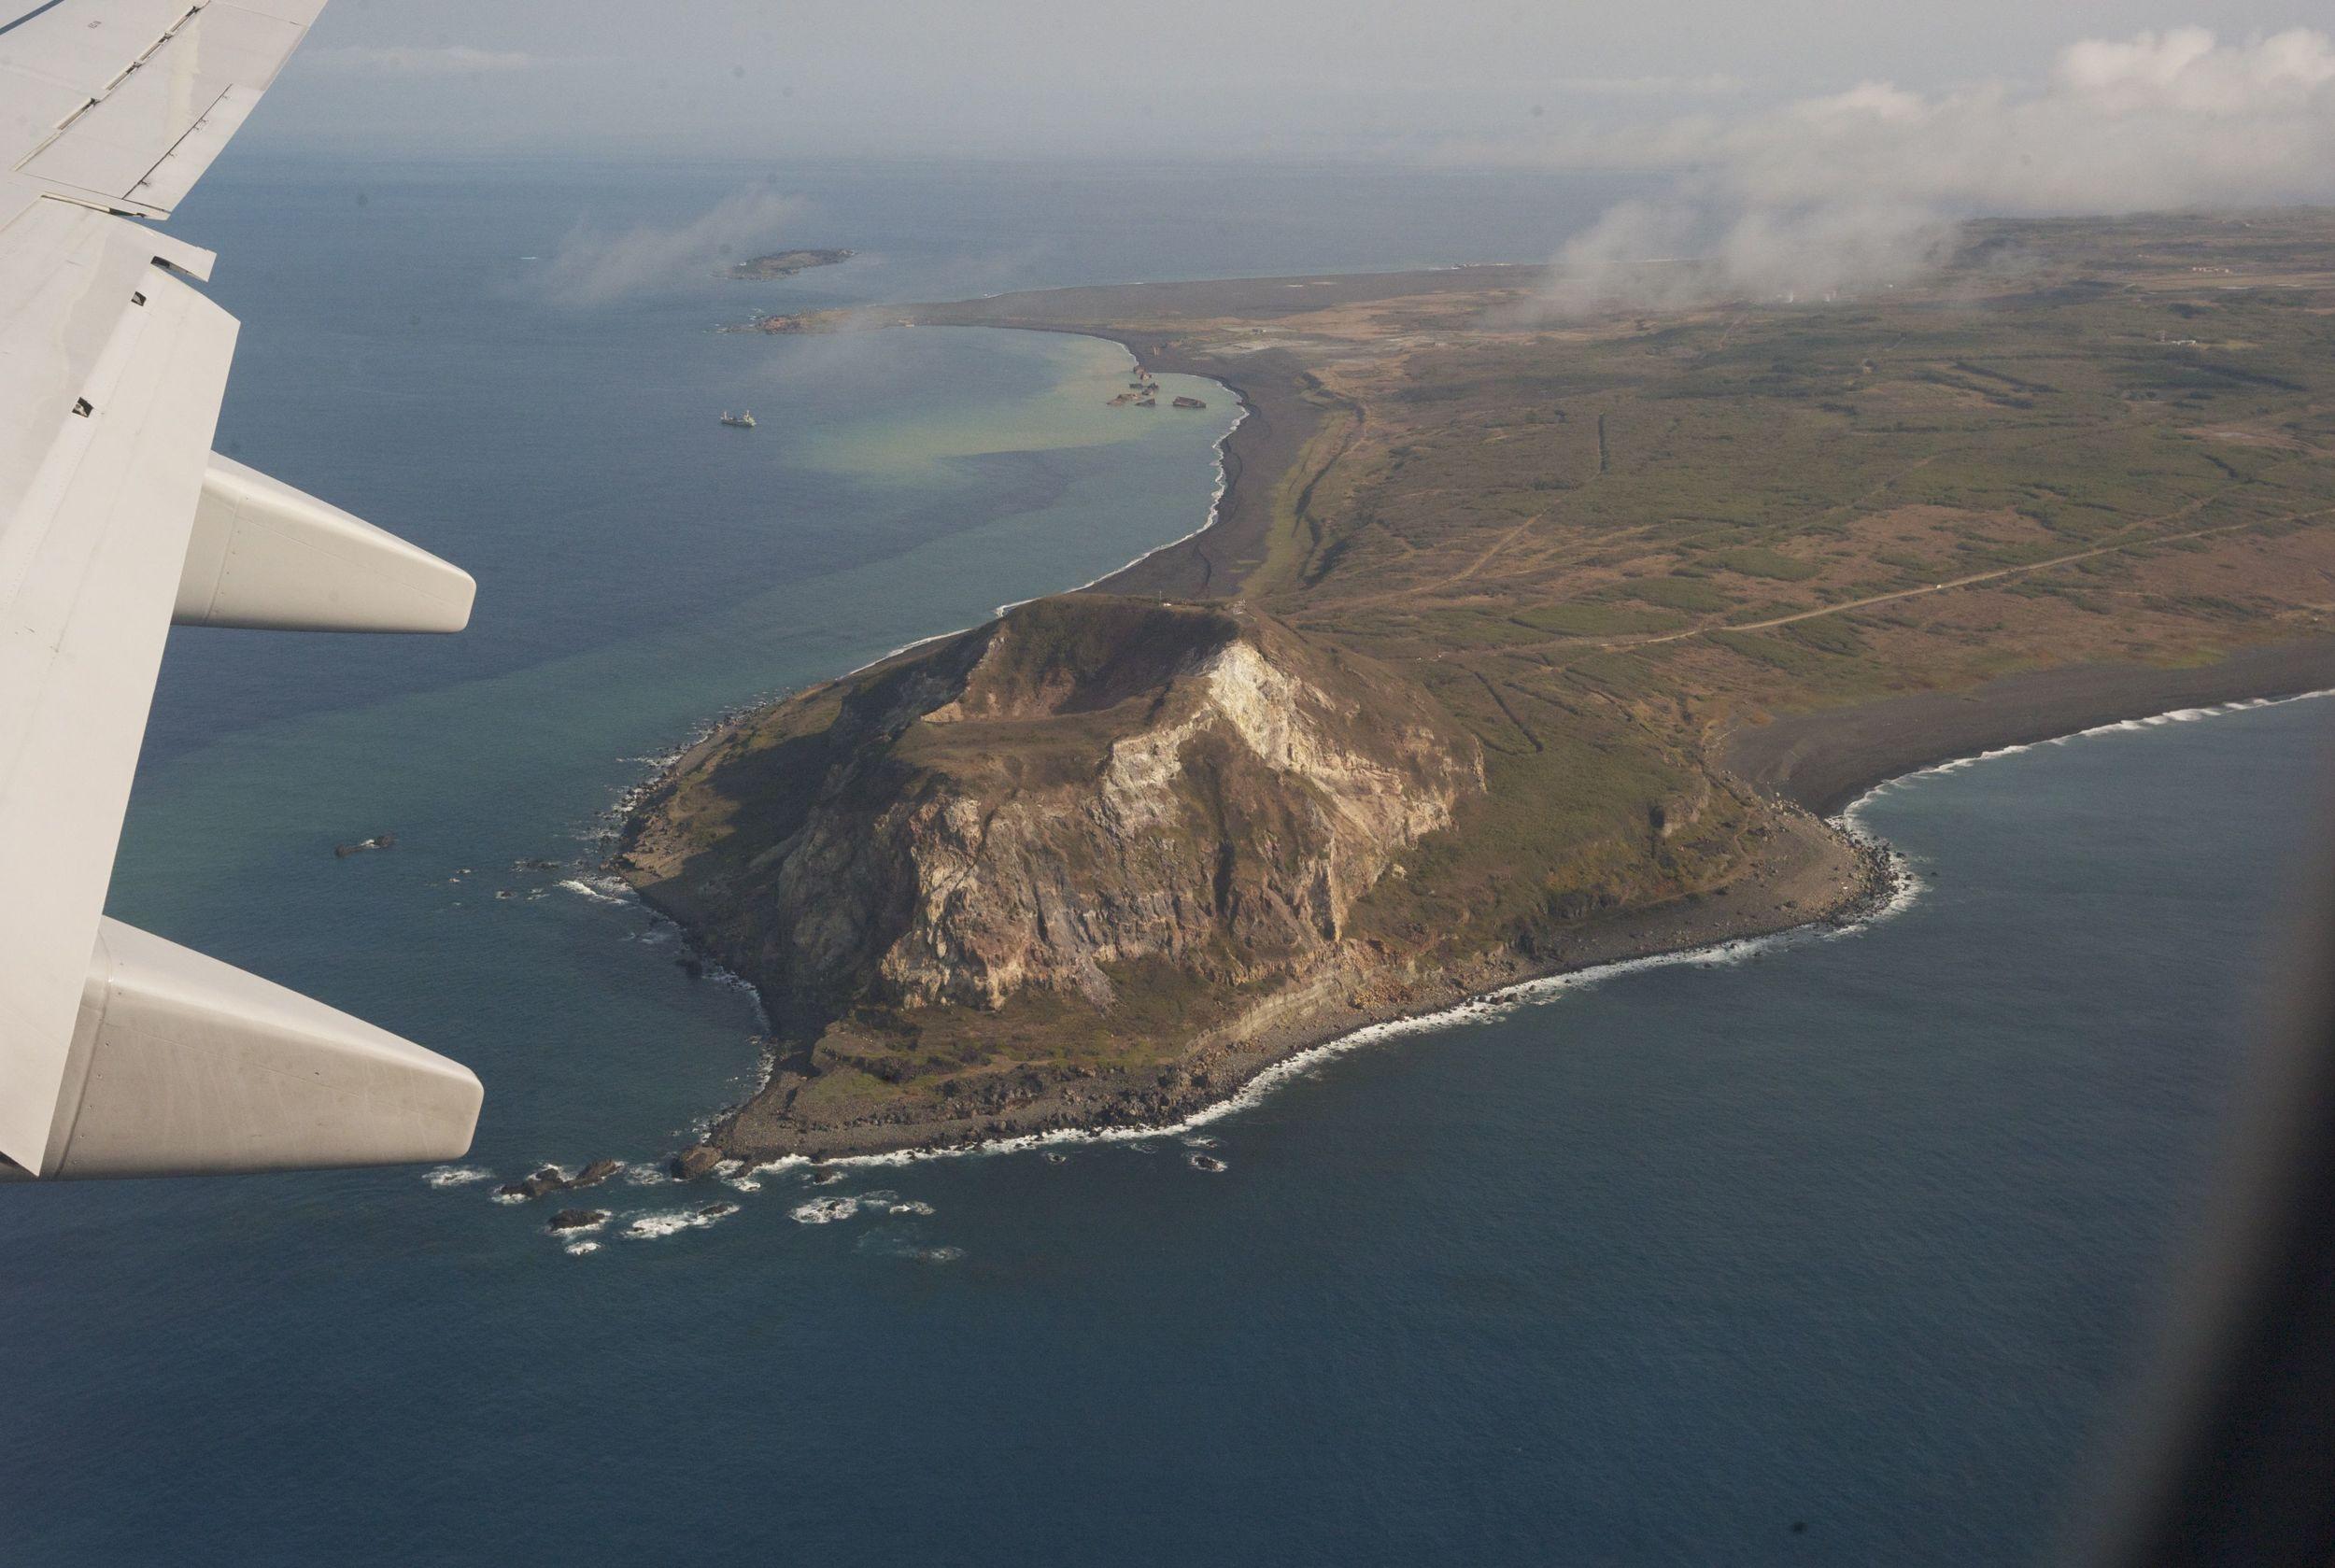 First sight of Iwo Jima